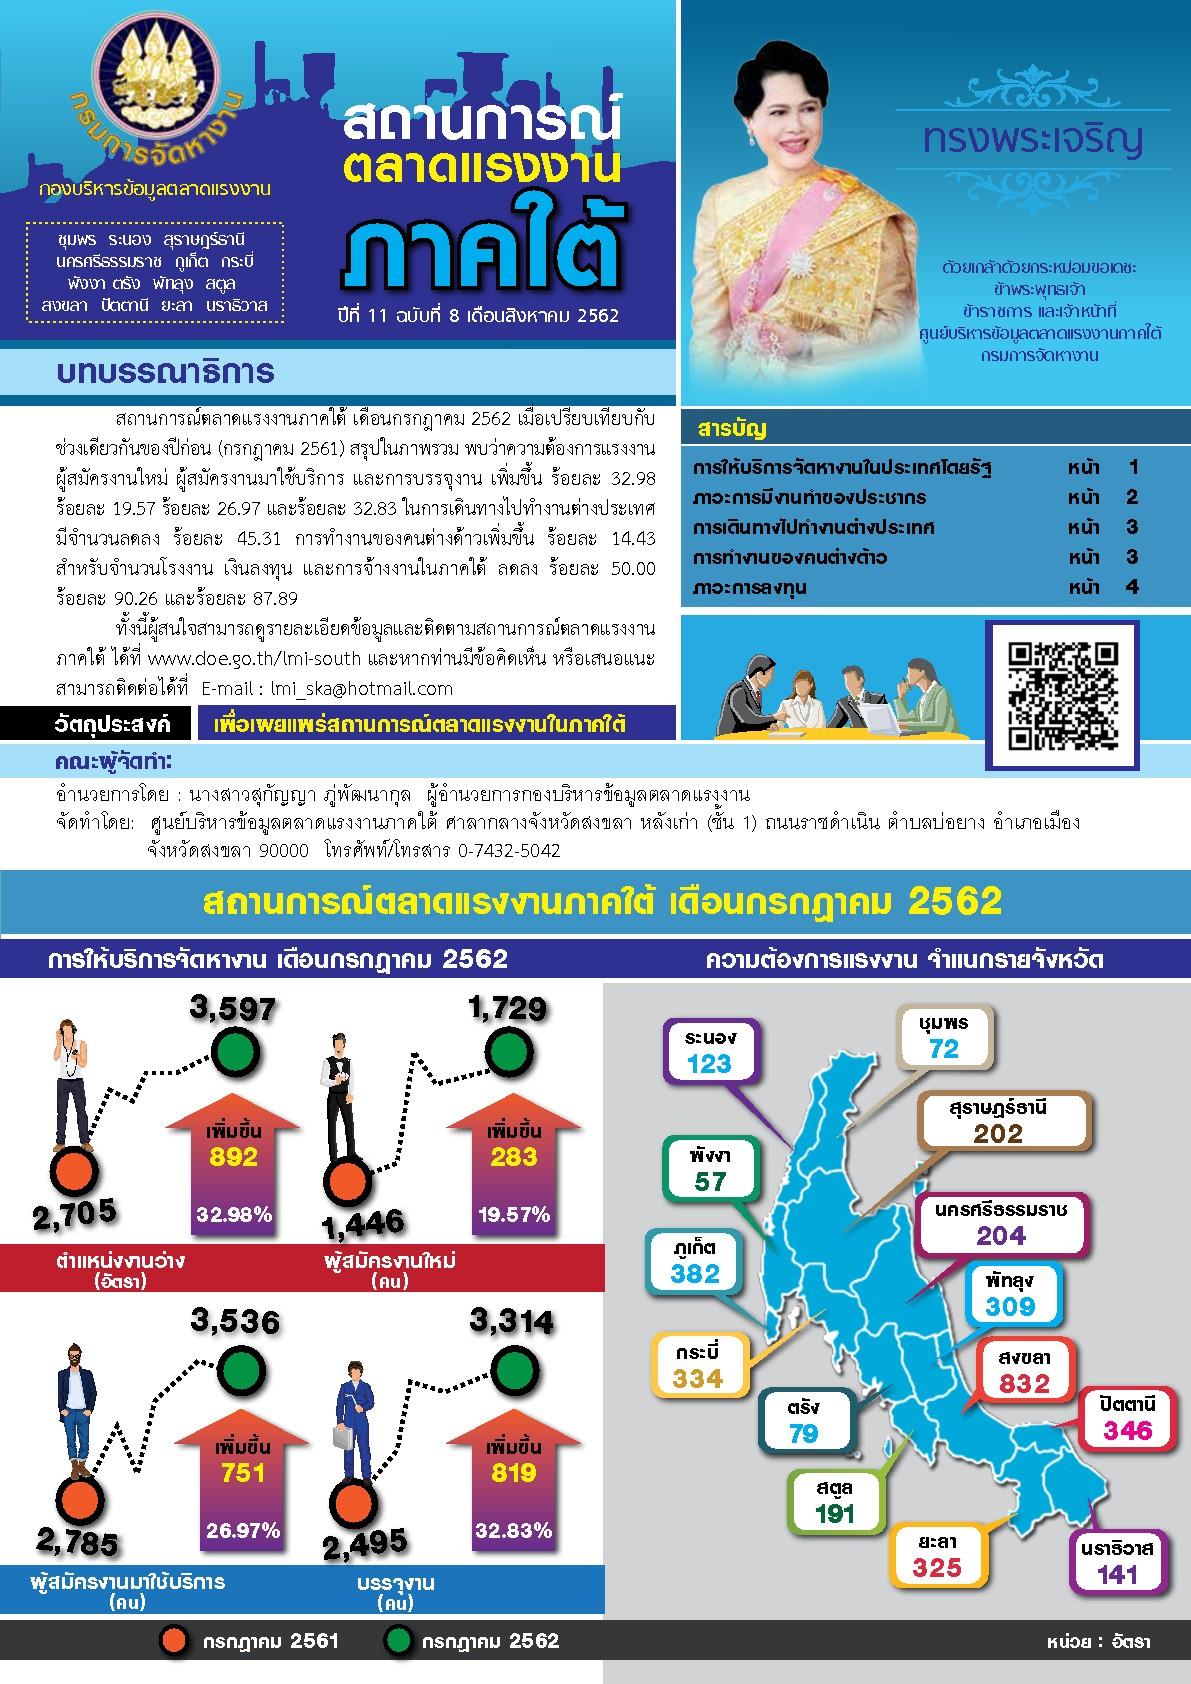 วารสารสถานการณ์ตลาดแรงงานภาคใต้ ปีที่ 11 ฉบับที่ 8 เดือนสิงหาคม 2562